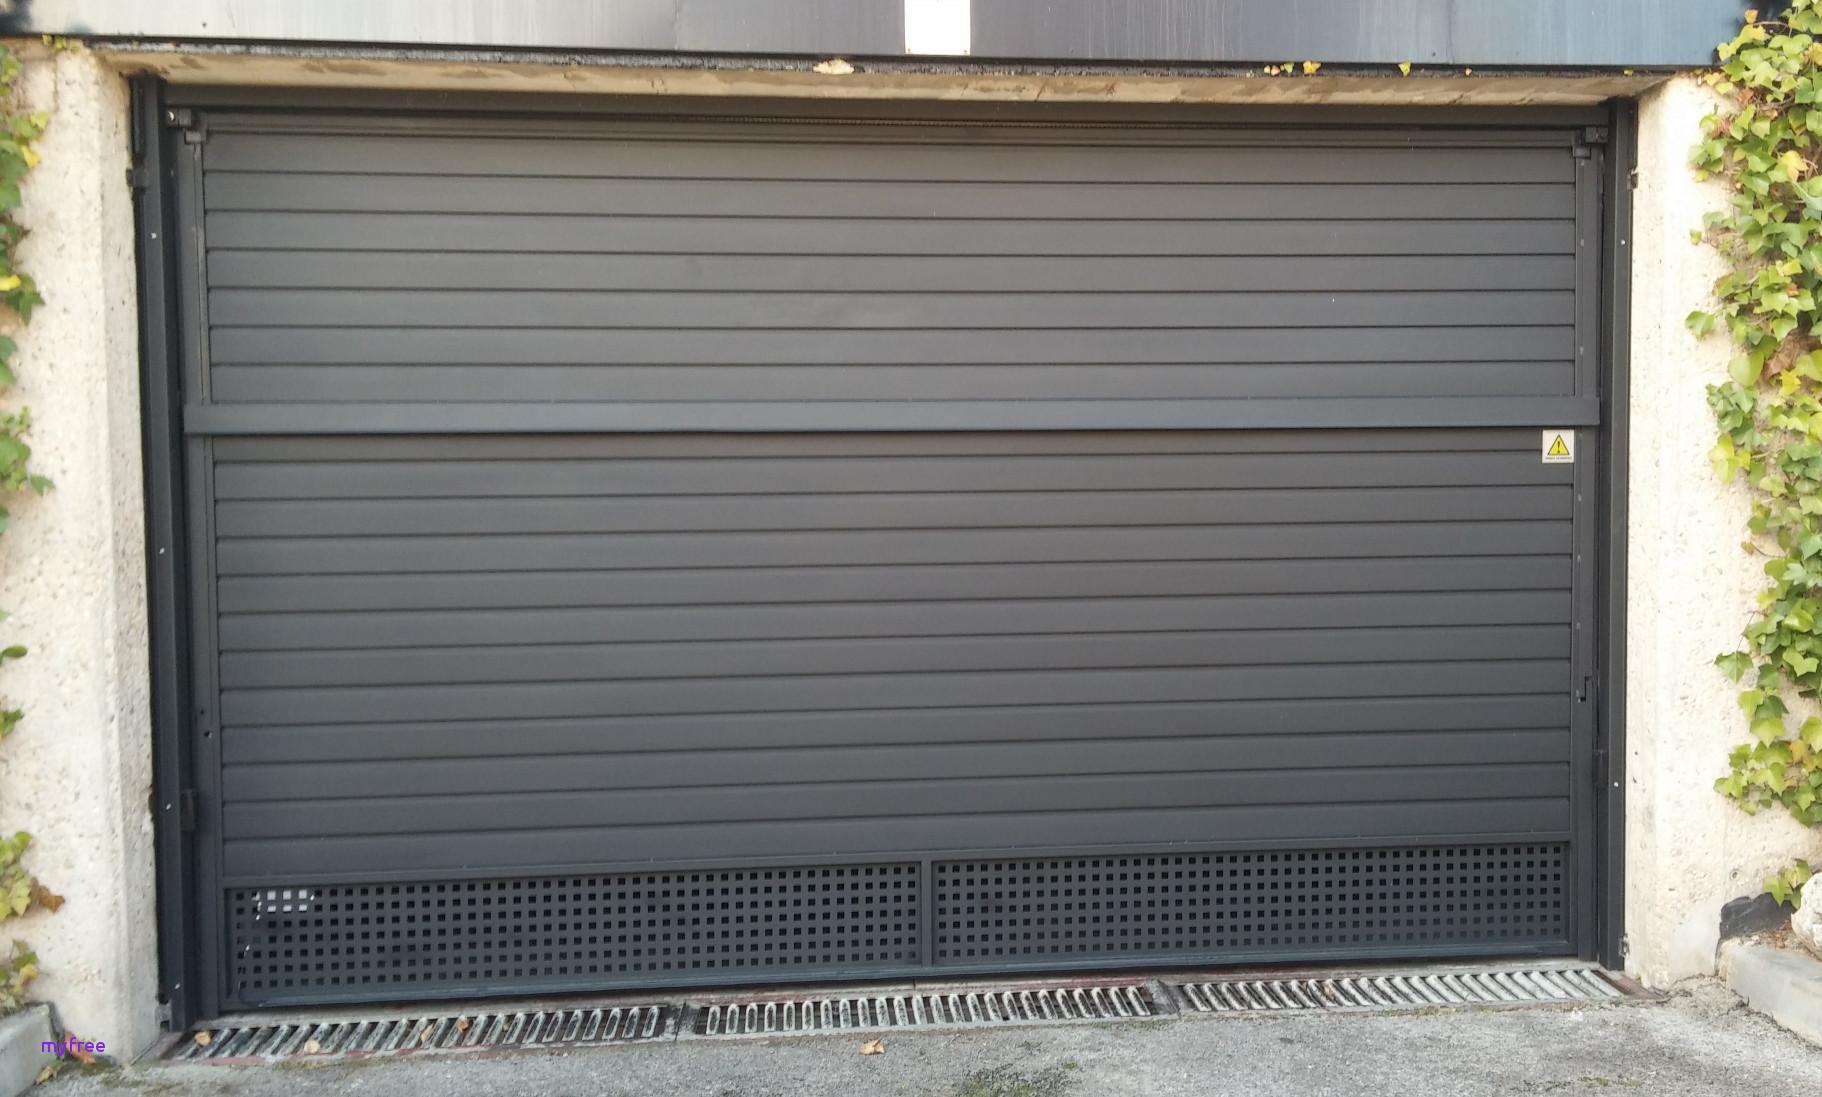 piscina-puerta-de-hierro-increible-puertas-metalicas-de-garaje-simple-puertas-enrollables-de-aluminio-of-piscina-puerta-de-hierro